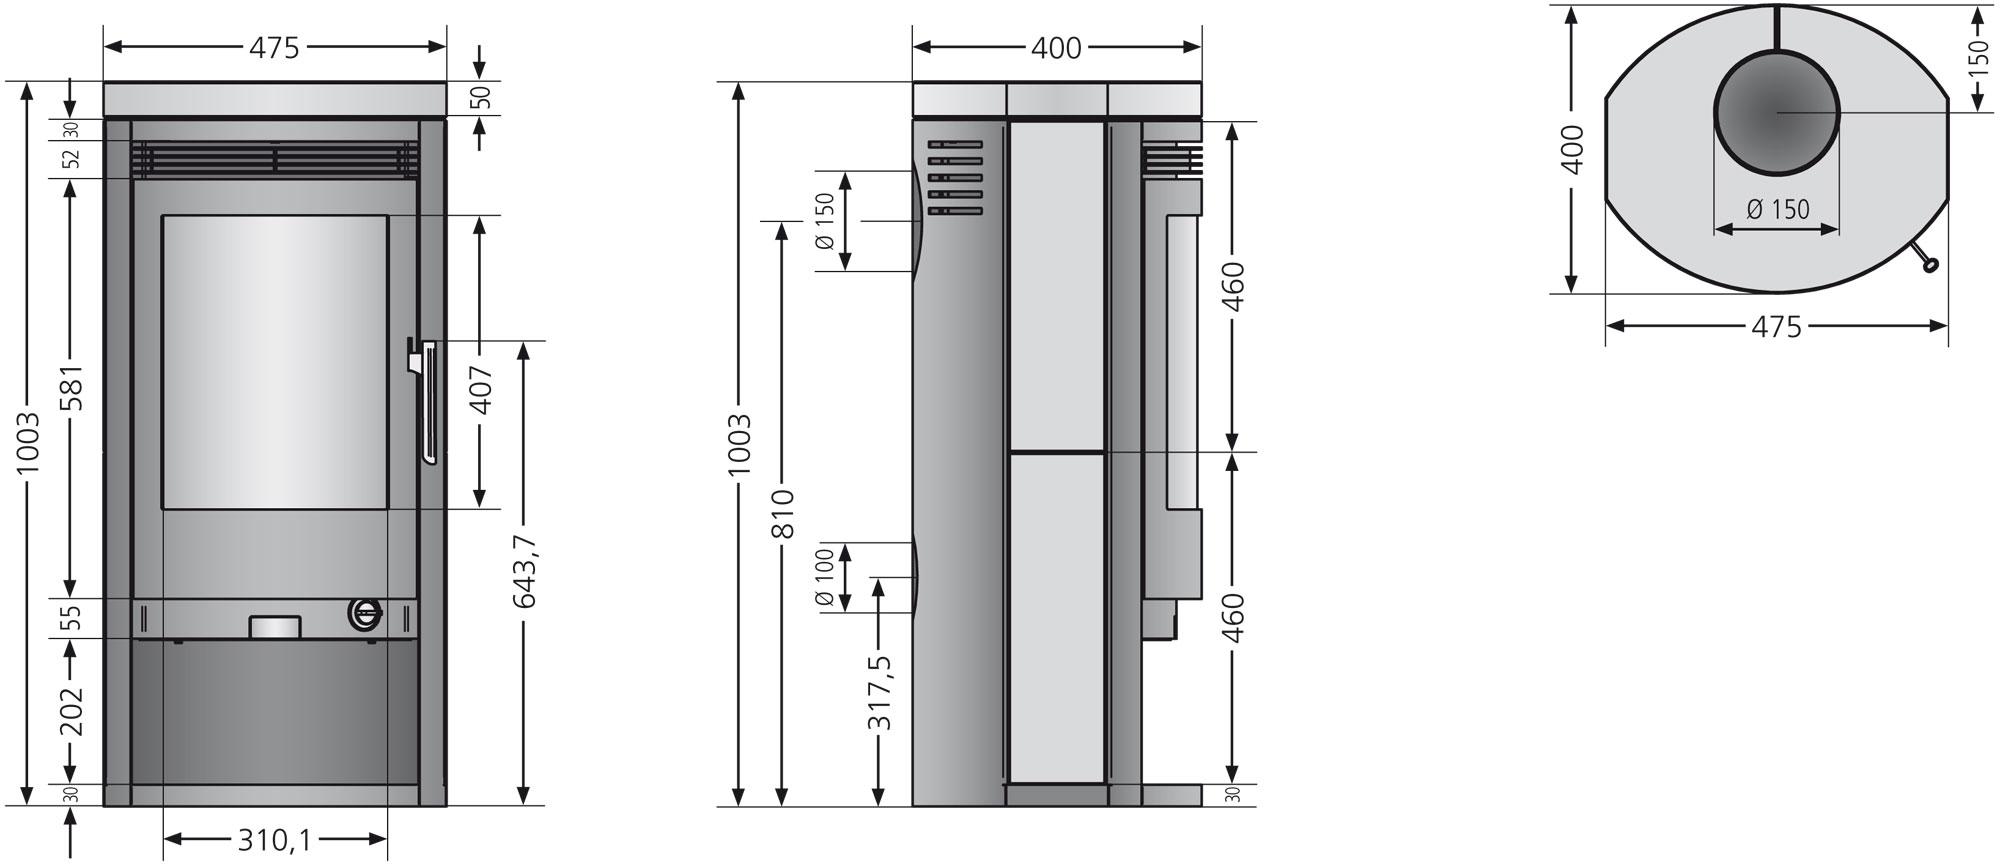 Kaminofen / Dauerbrandofen Justus Baltrum D Stahl 5 kW Bild 2